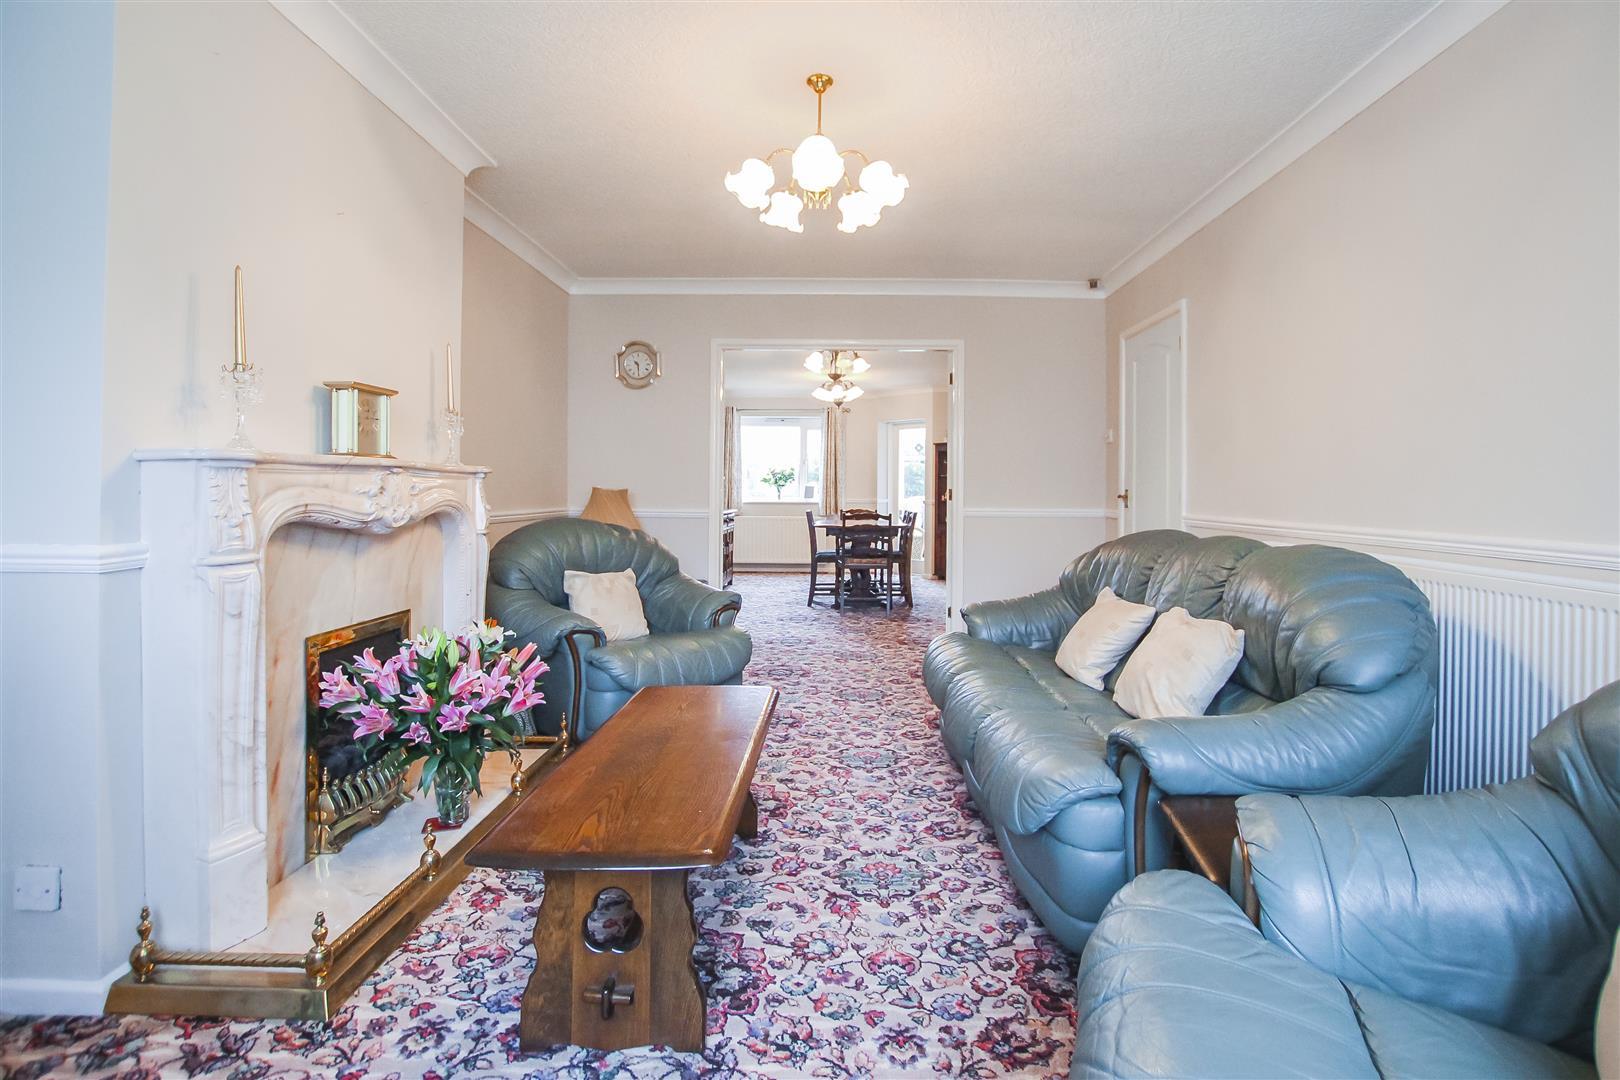 5 Bedroom Detached House For Sale - Living Room